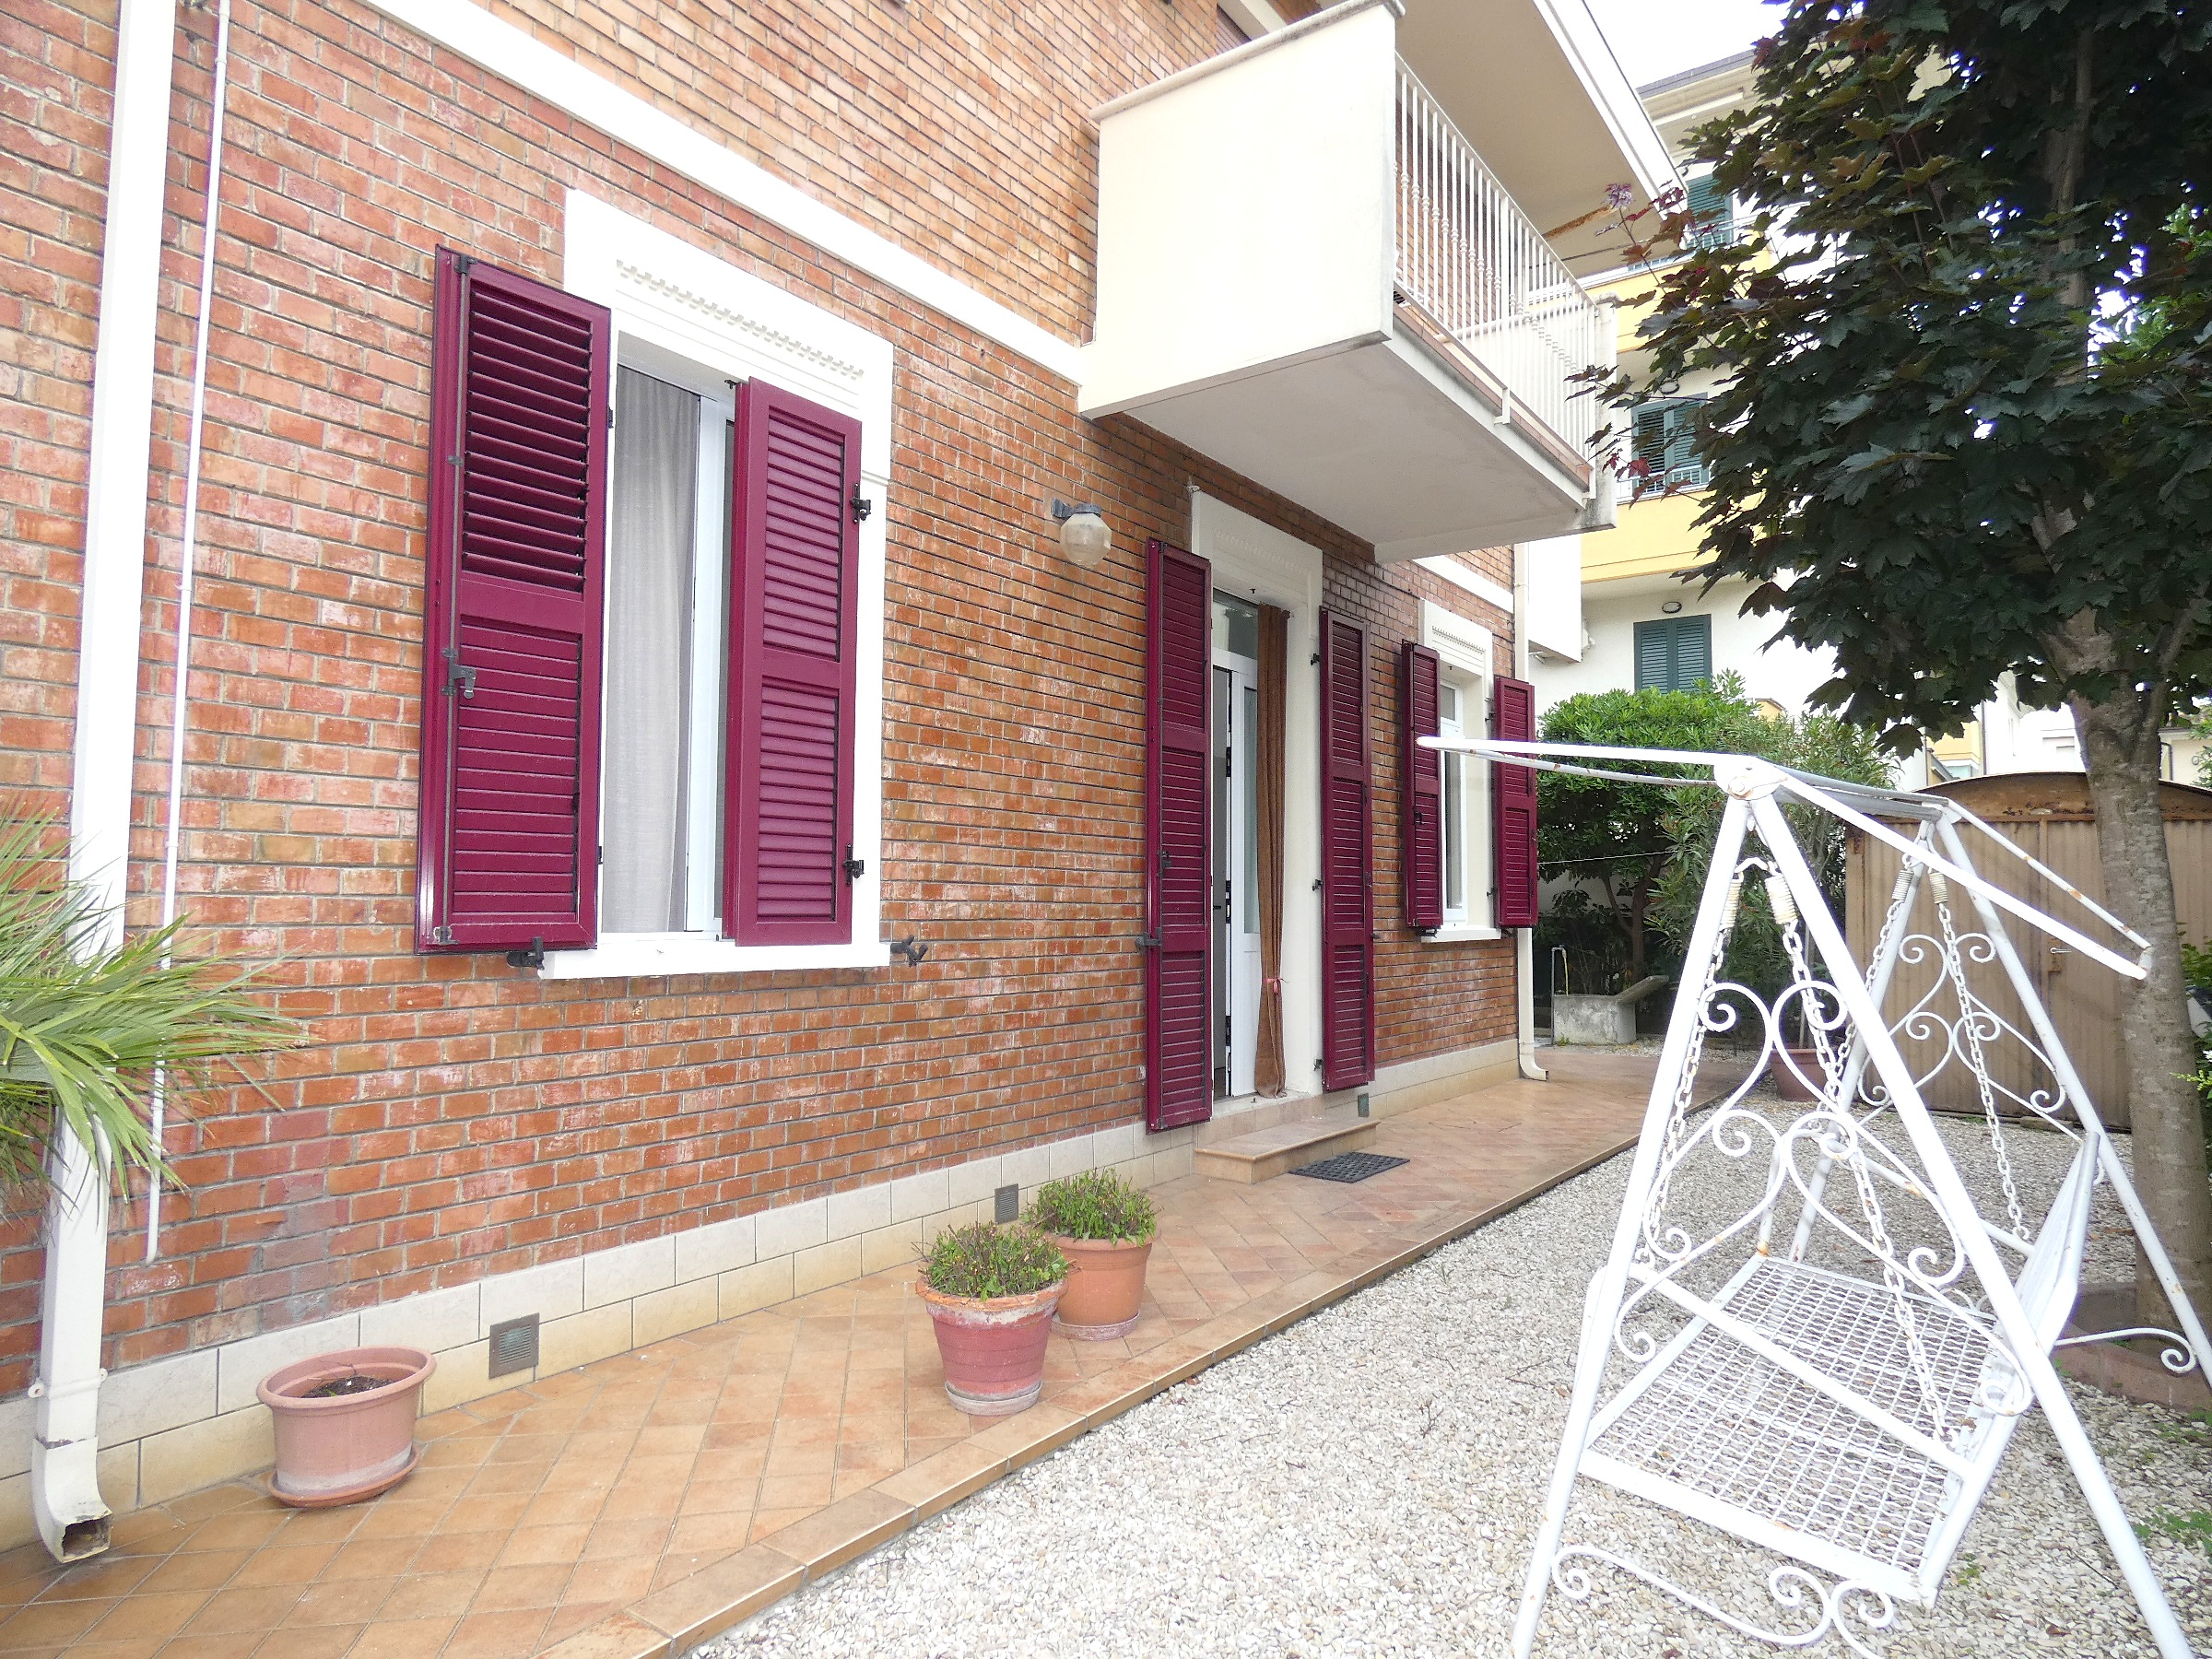 RICCIONE ABISSINIA, Ampio appartamento in villa con splendida corte esterna